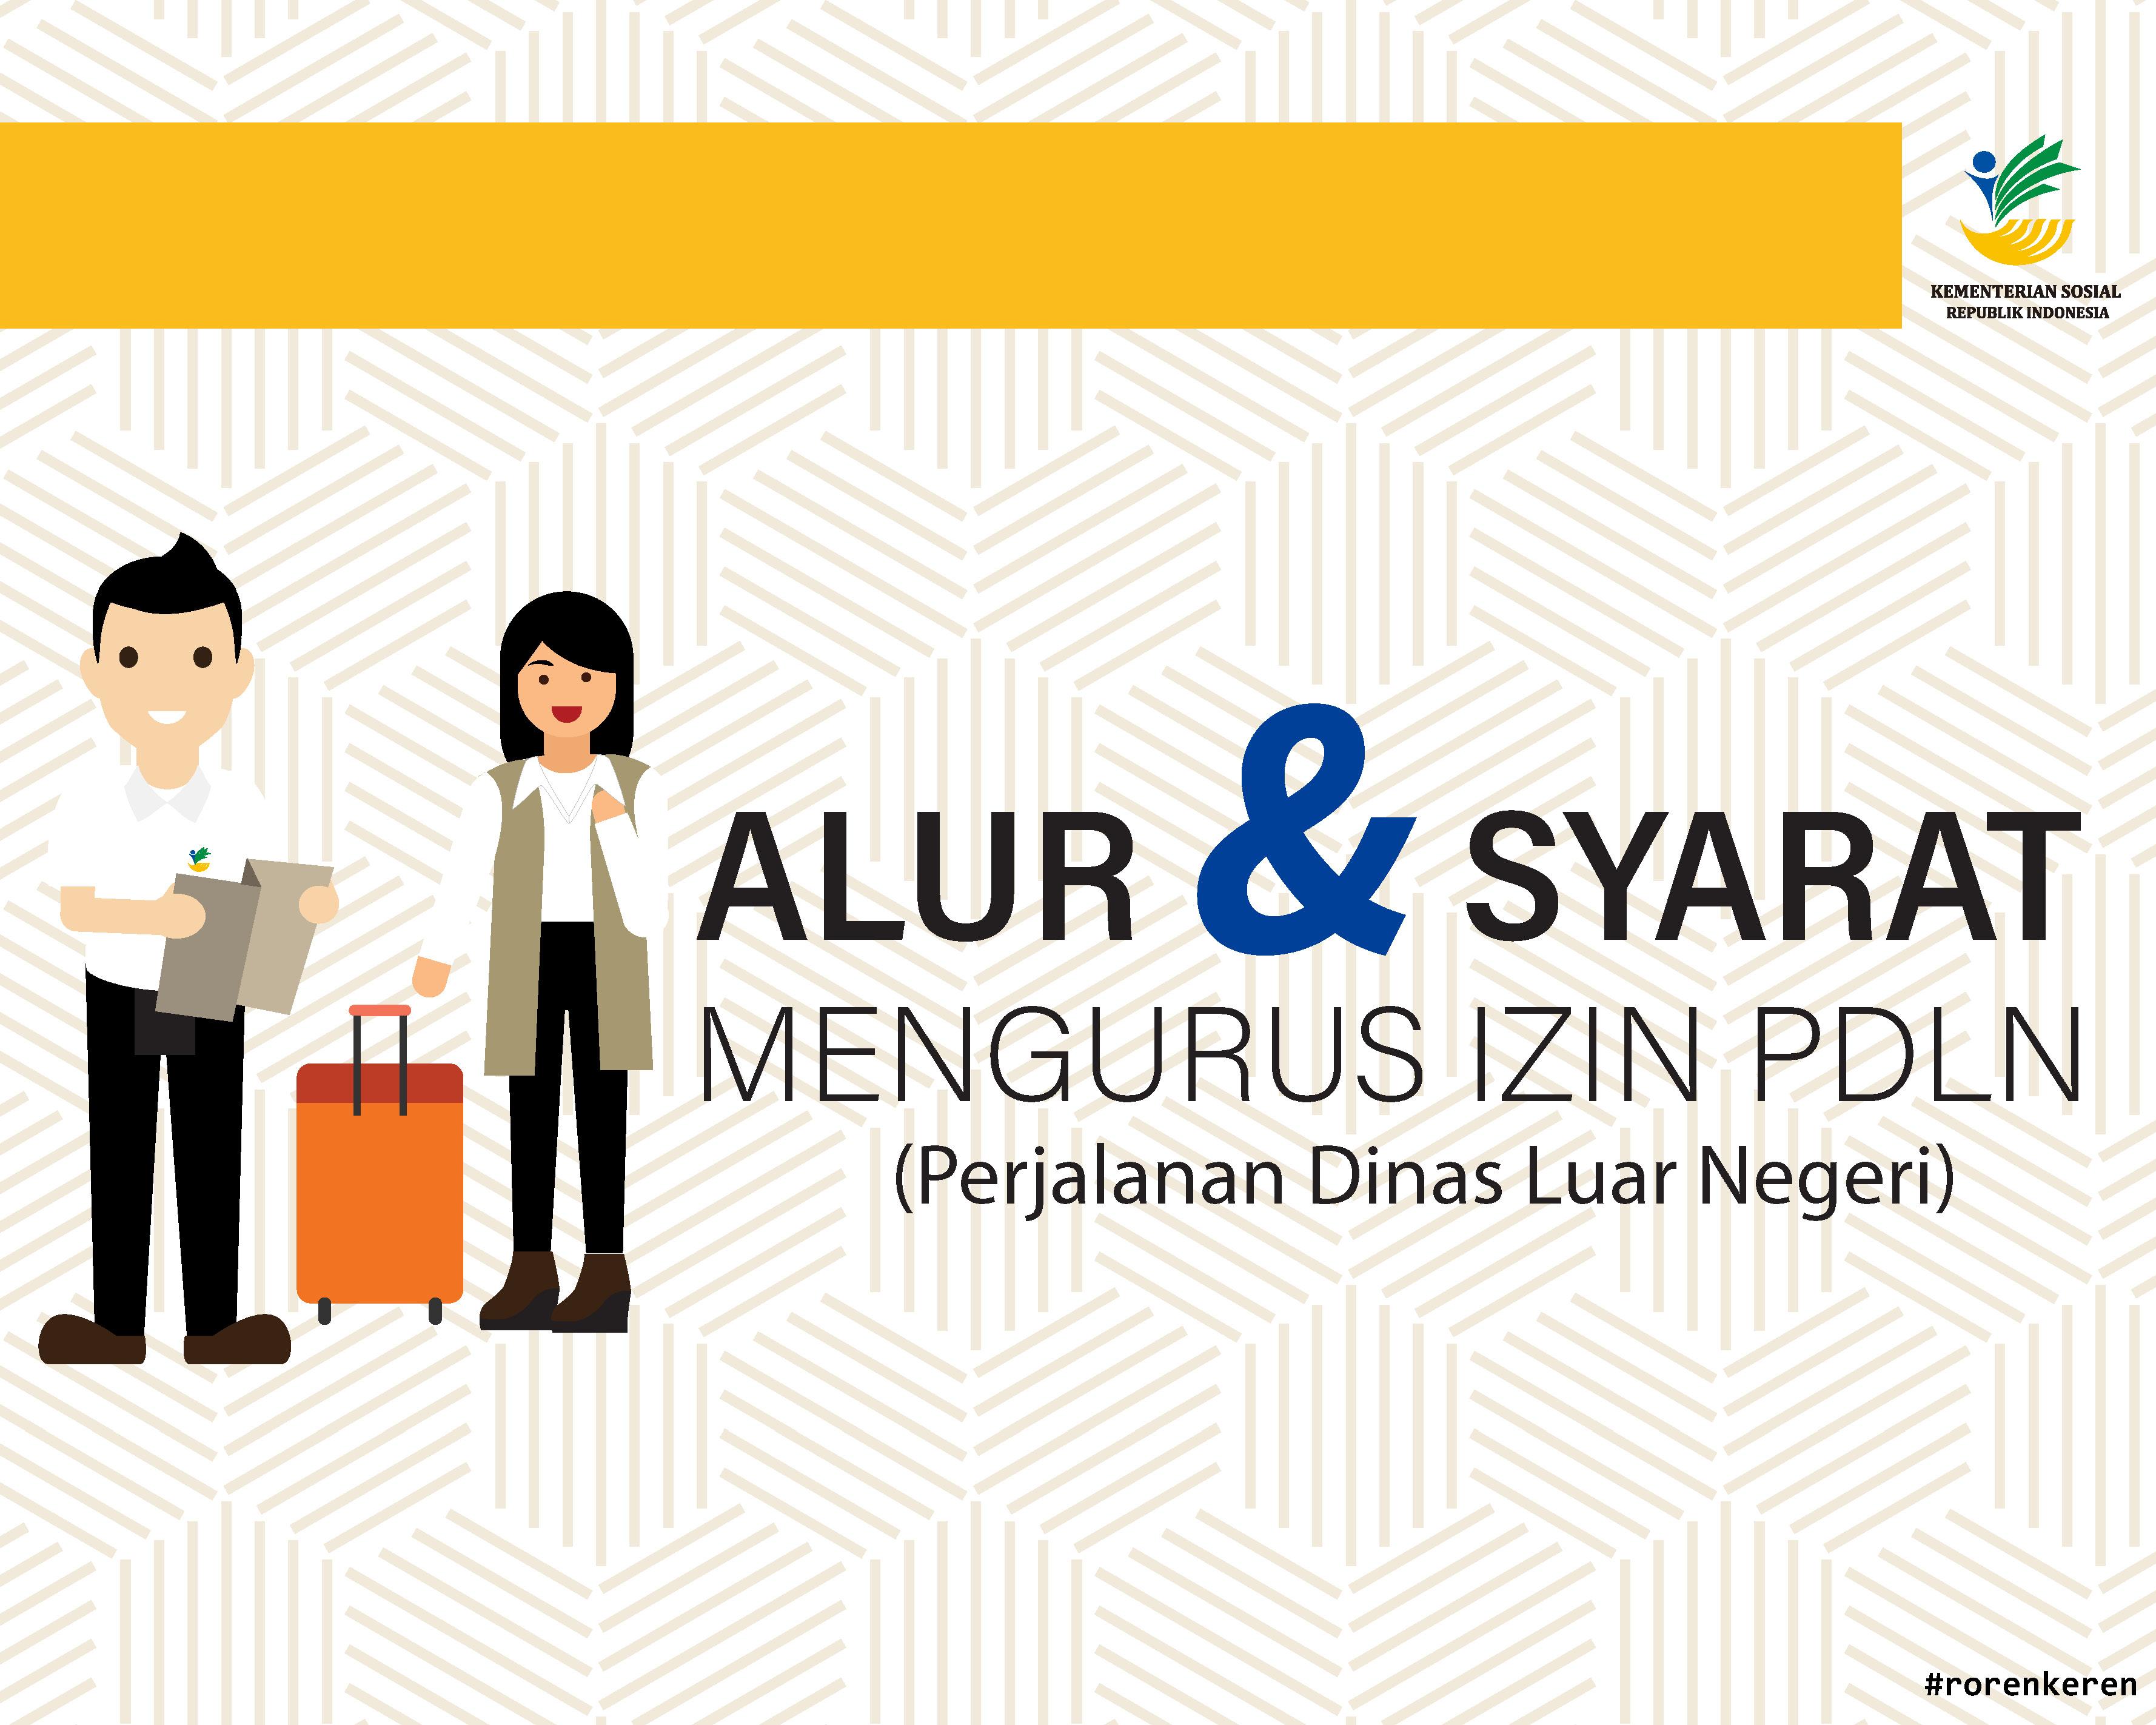 Alur dan Syarat Mengurus PDLN (Perjalanan Dinas Luar Negeri)